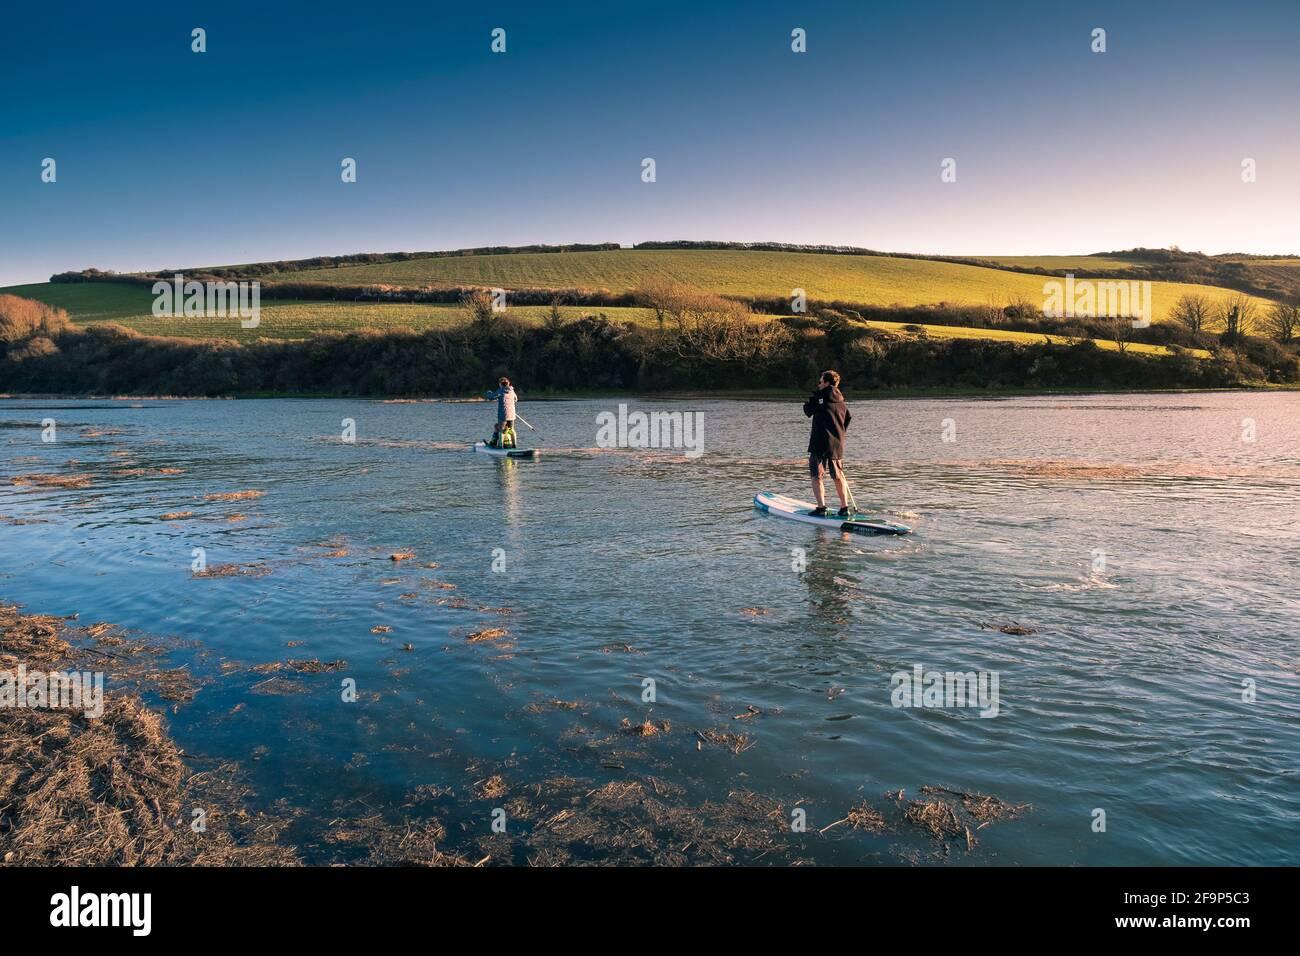 Una famiglia di vacanzieri che si divertono a pagaiare le loro tavole Stand Up in alta marea sul fiume Gannel a Newquay in Cornovaglia. Foto Stock